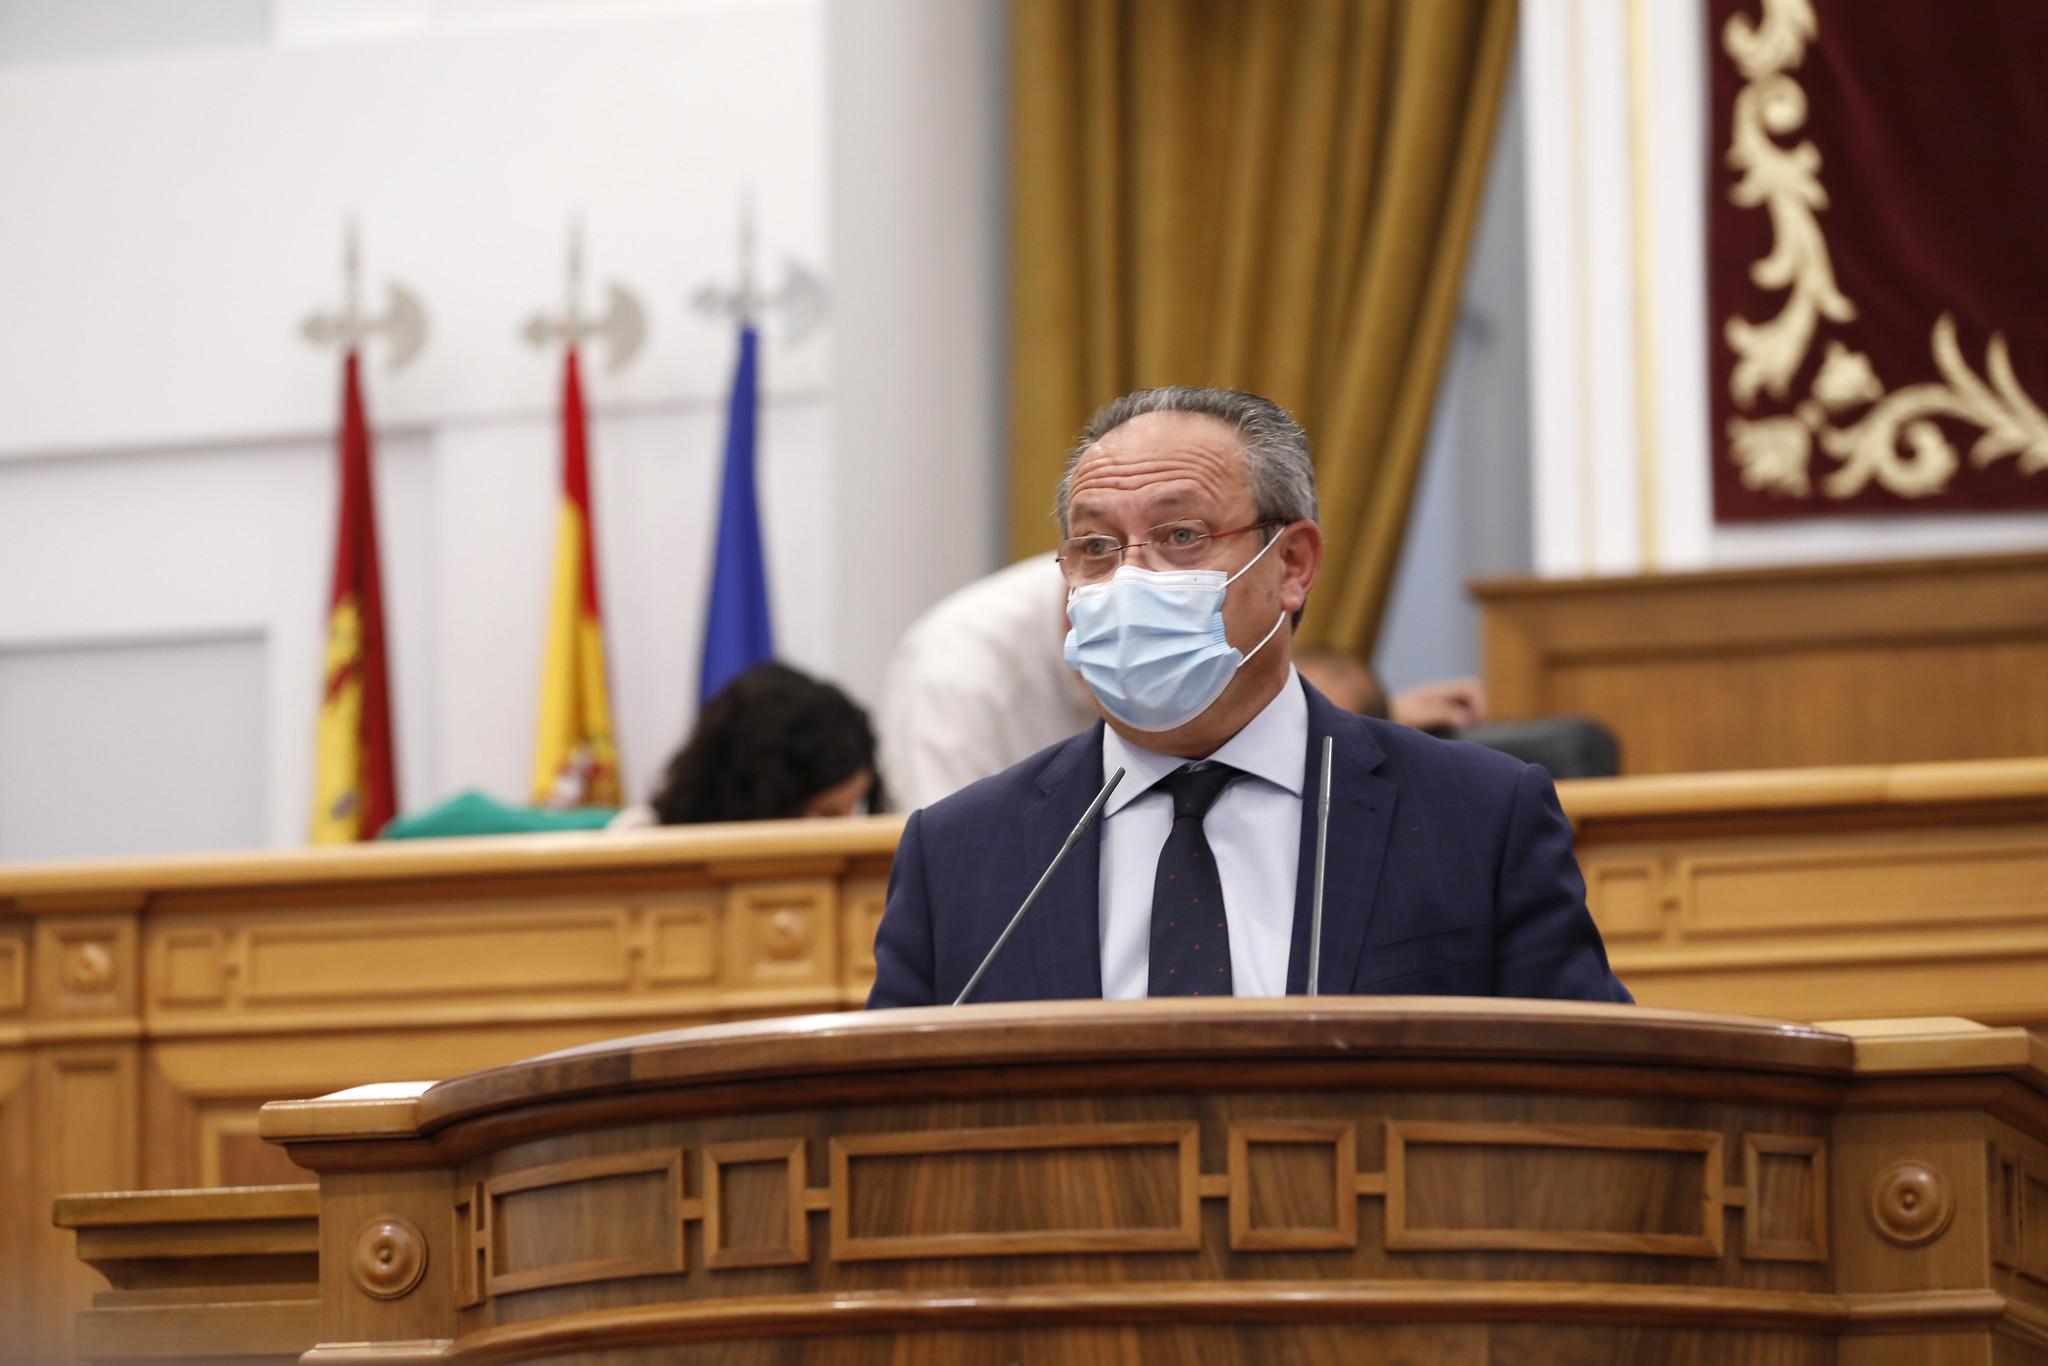 El consejero de Hacienda y Administraciones Públicas interviene en el Pleno de las Cortes